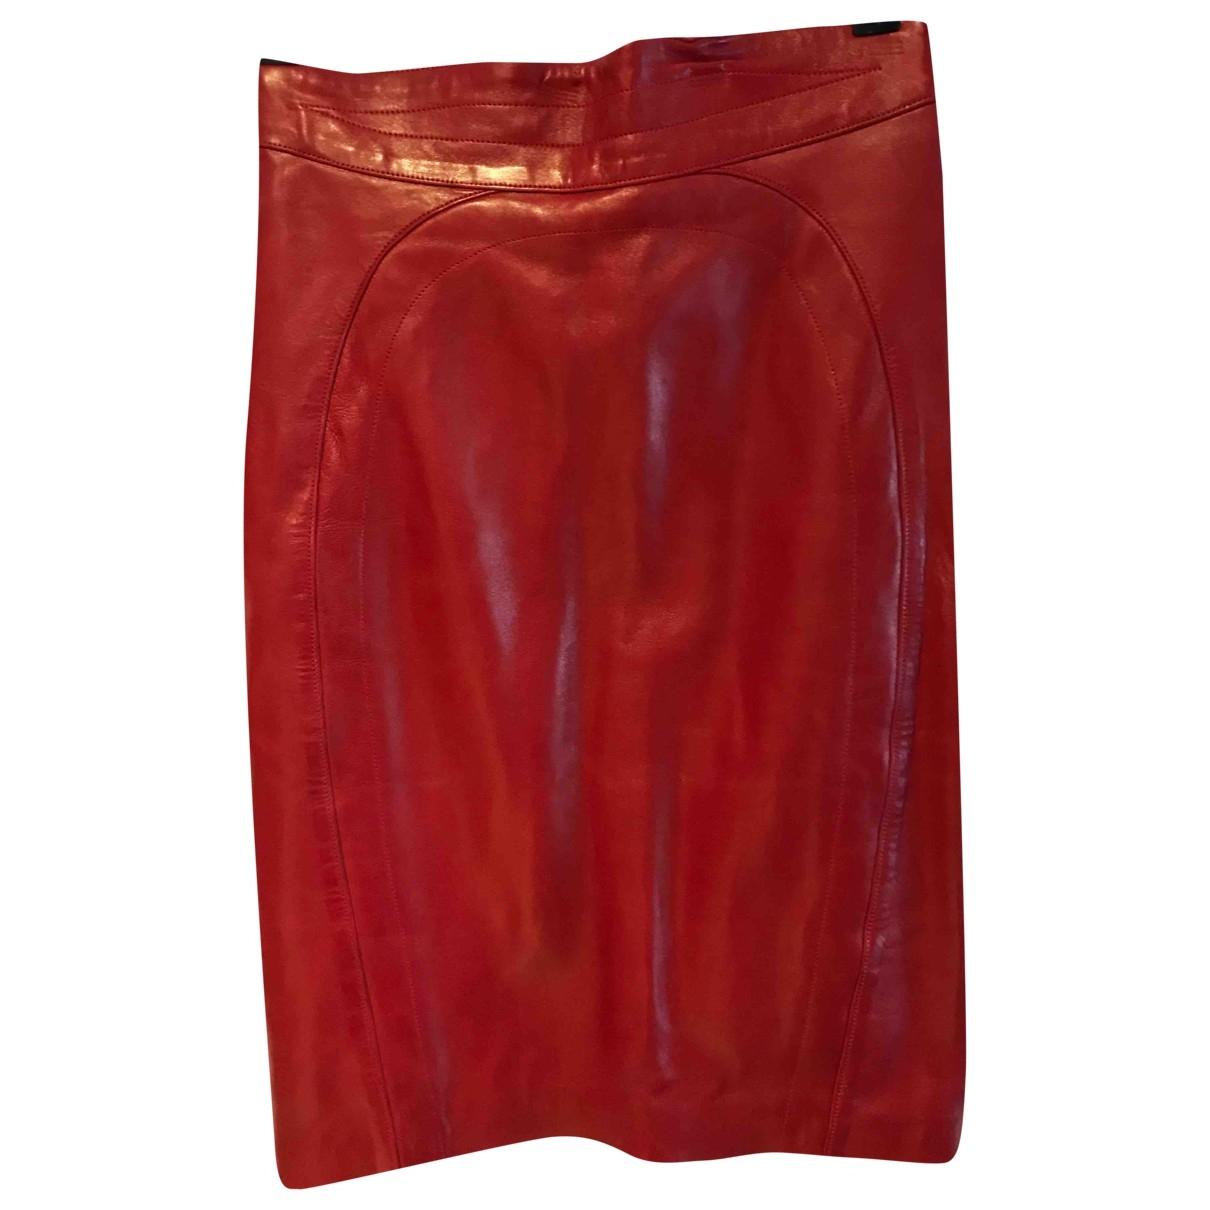 Jitrois \N Red Leather skirt for Women 42 FR